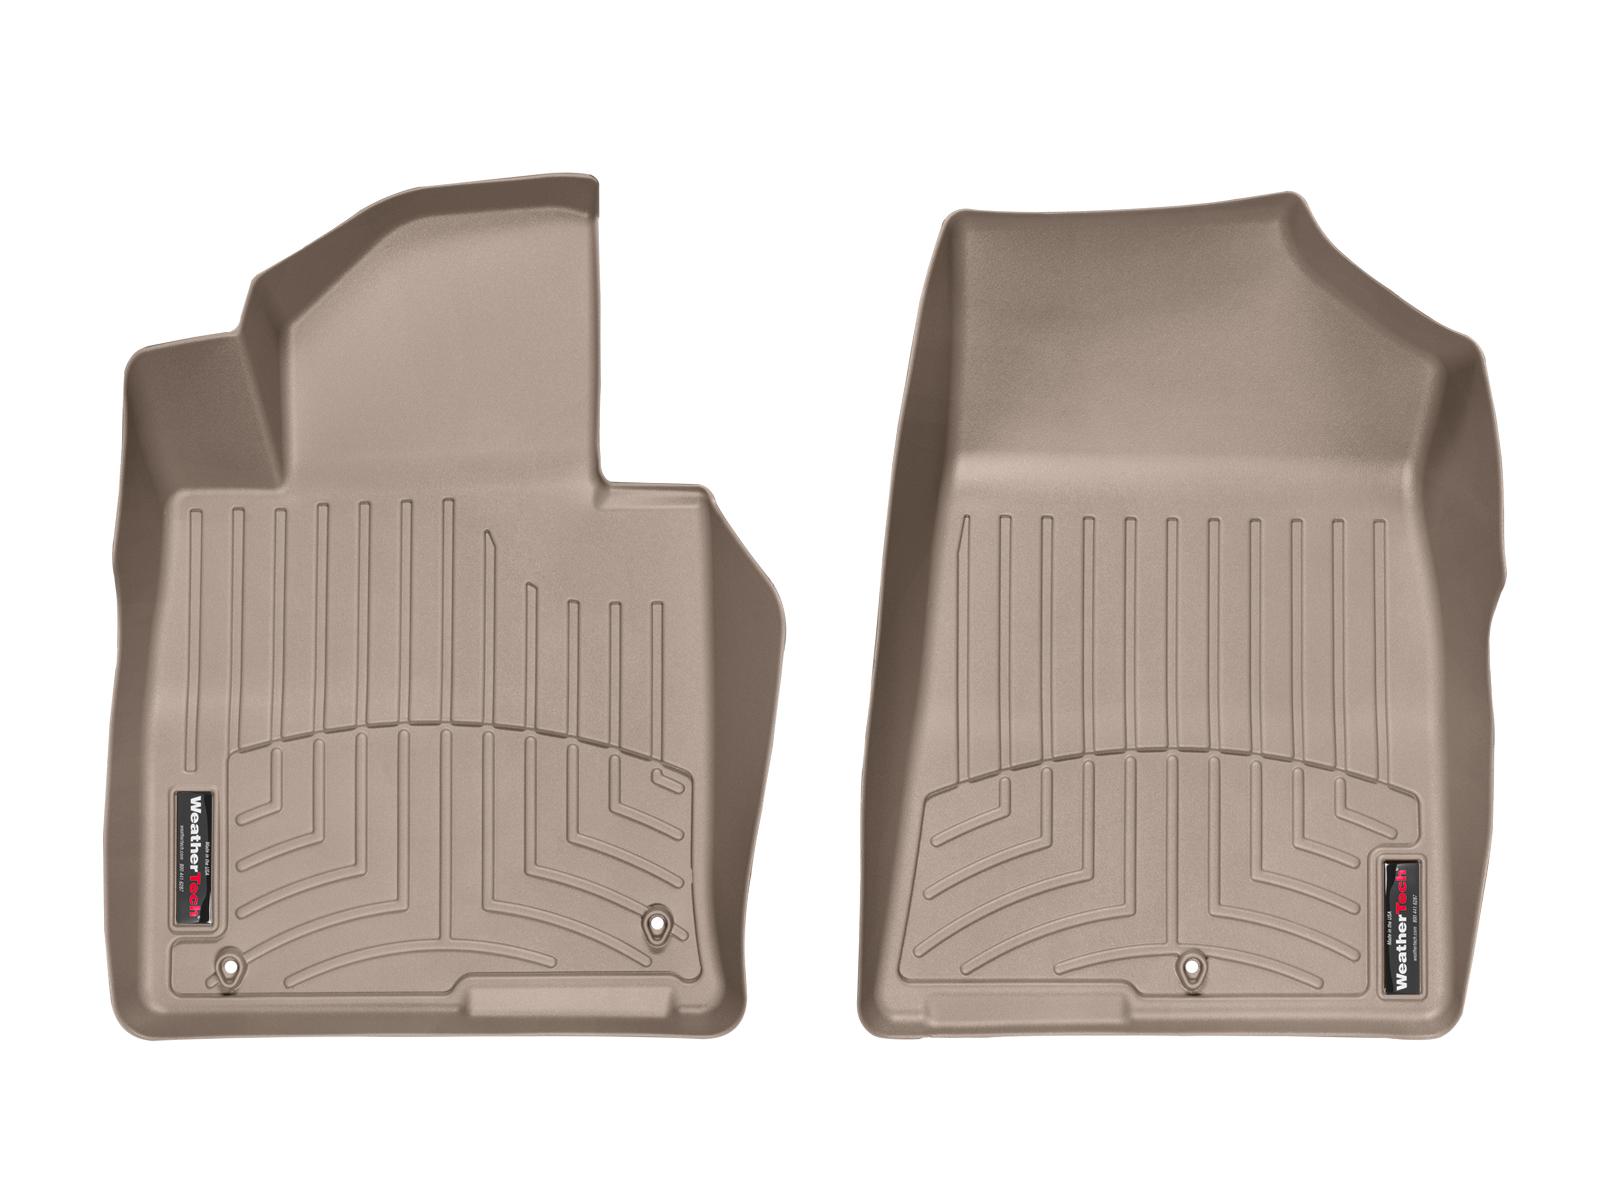 Tappeti gomma su misura bordo alto Kia Optima 16>17 Marrone A1768*